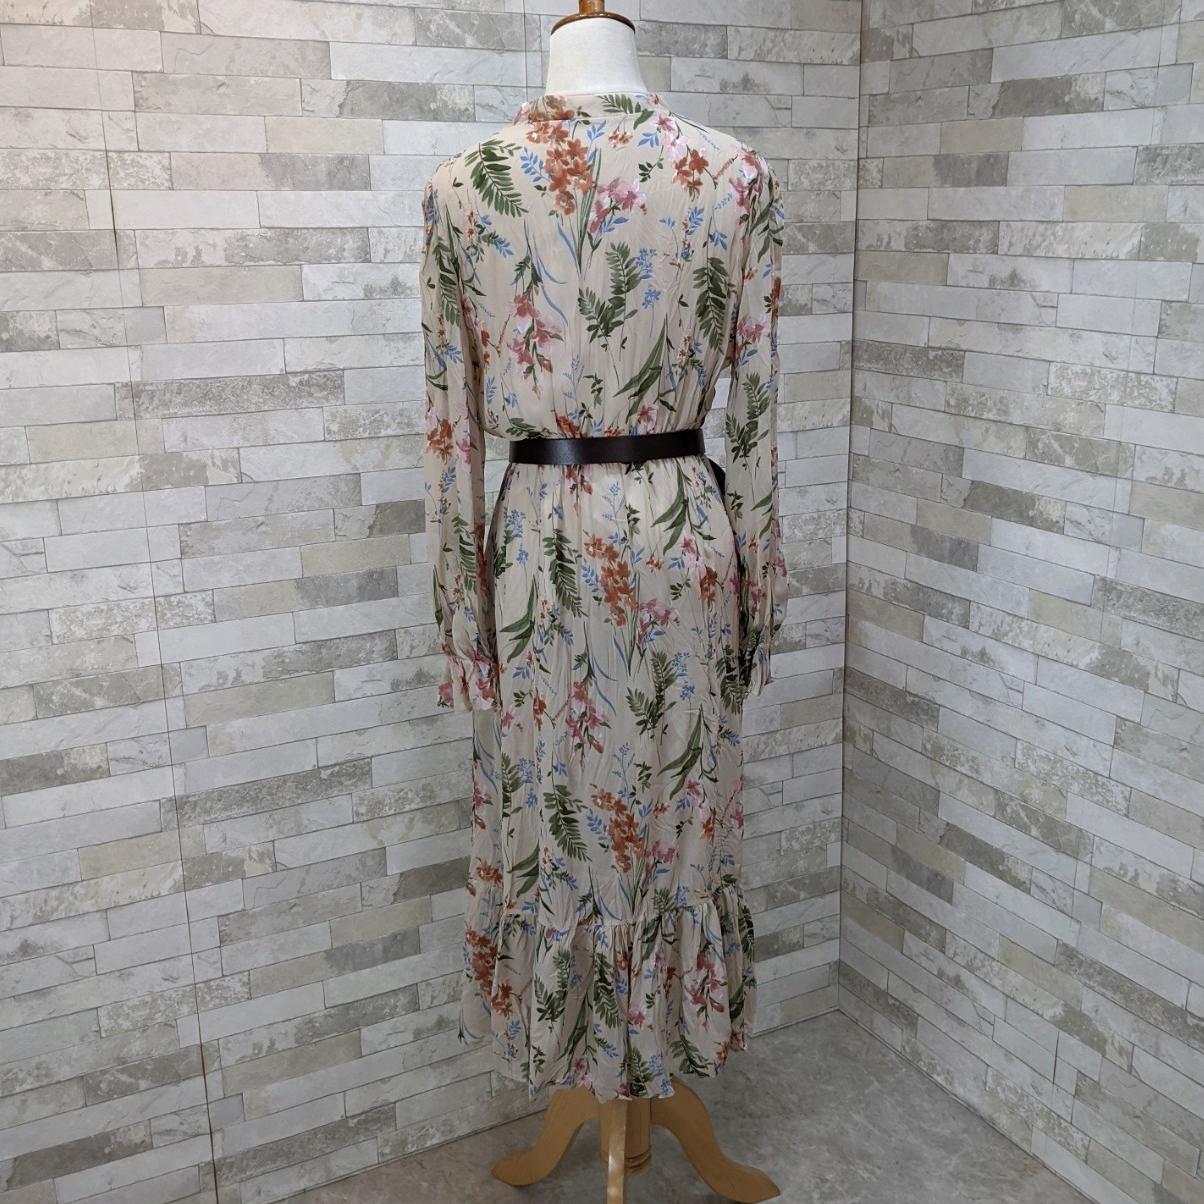 韓国 ファッション ワンピース 夏 春 カジュアル PTXH422  シアー シフォン風 エレガント 着回し オルチャン シンプル 定番 セレカジの写真11枚目